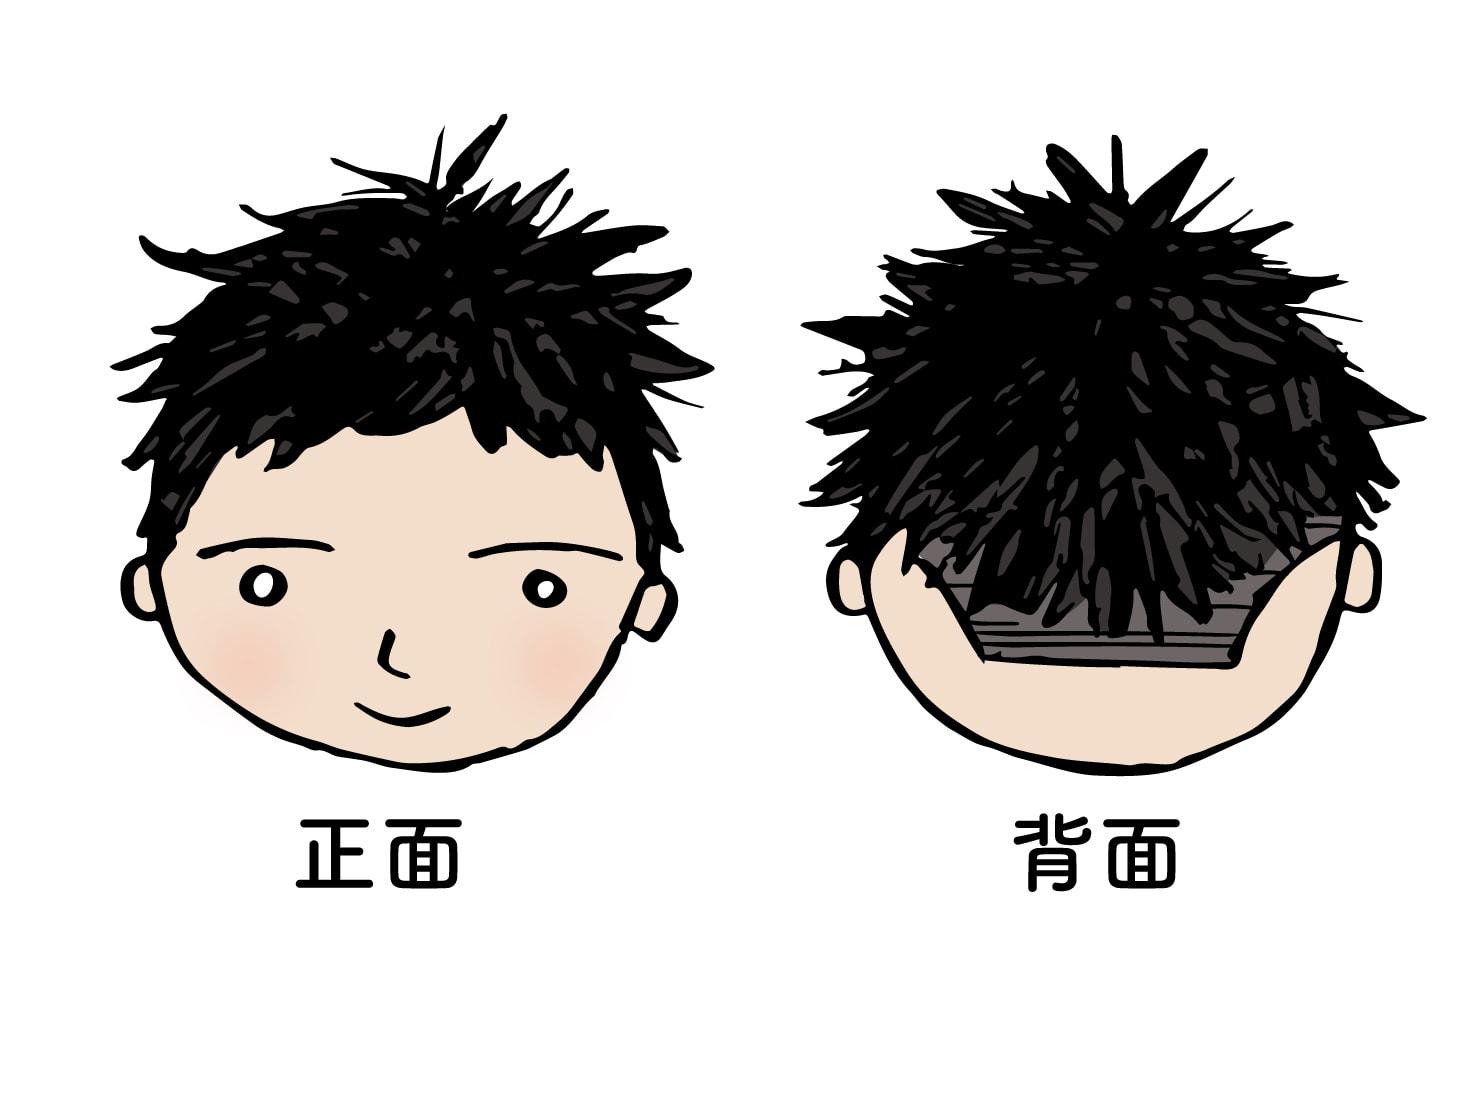 台湾男子御用達のヘアスタイル「リアルねぐせ」